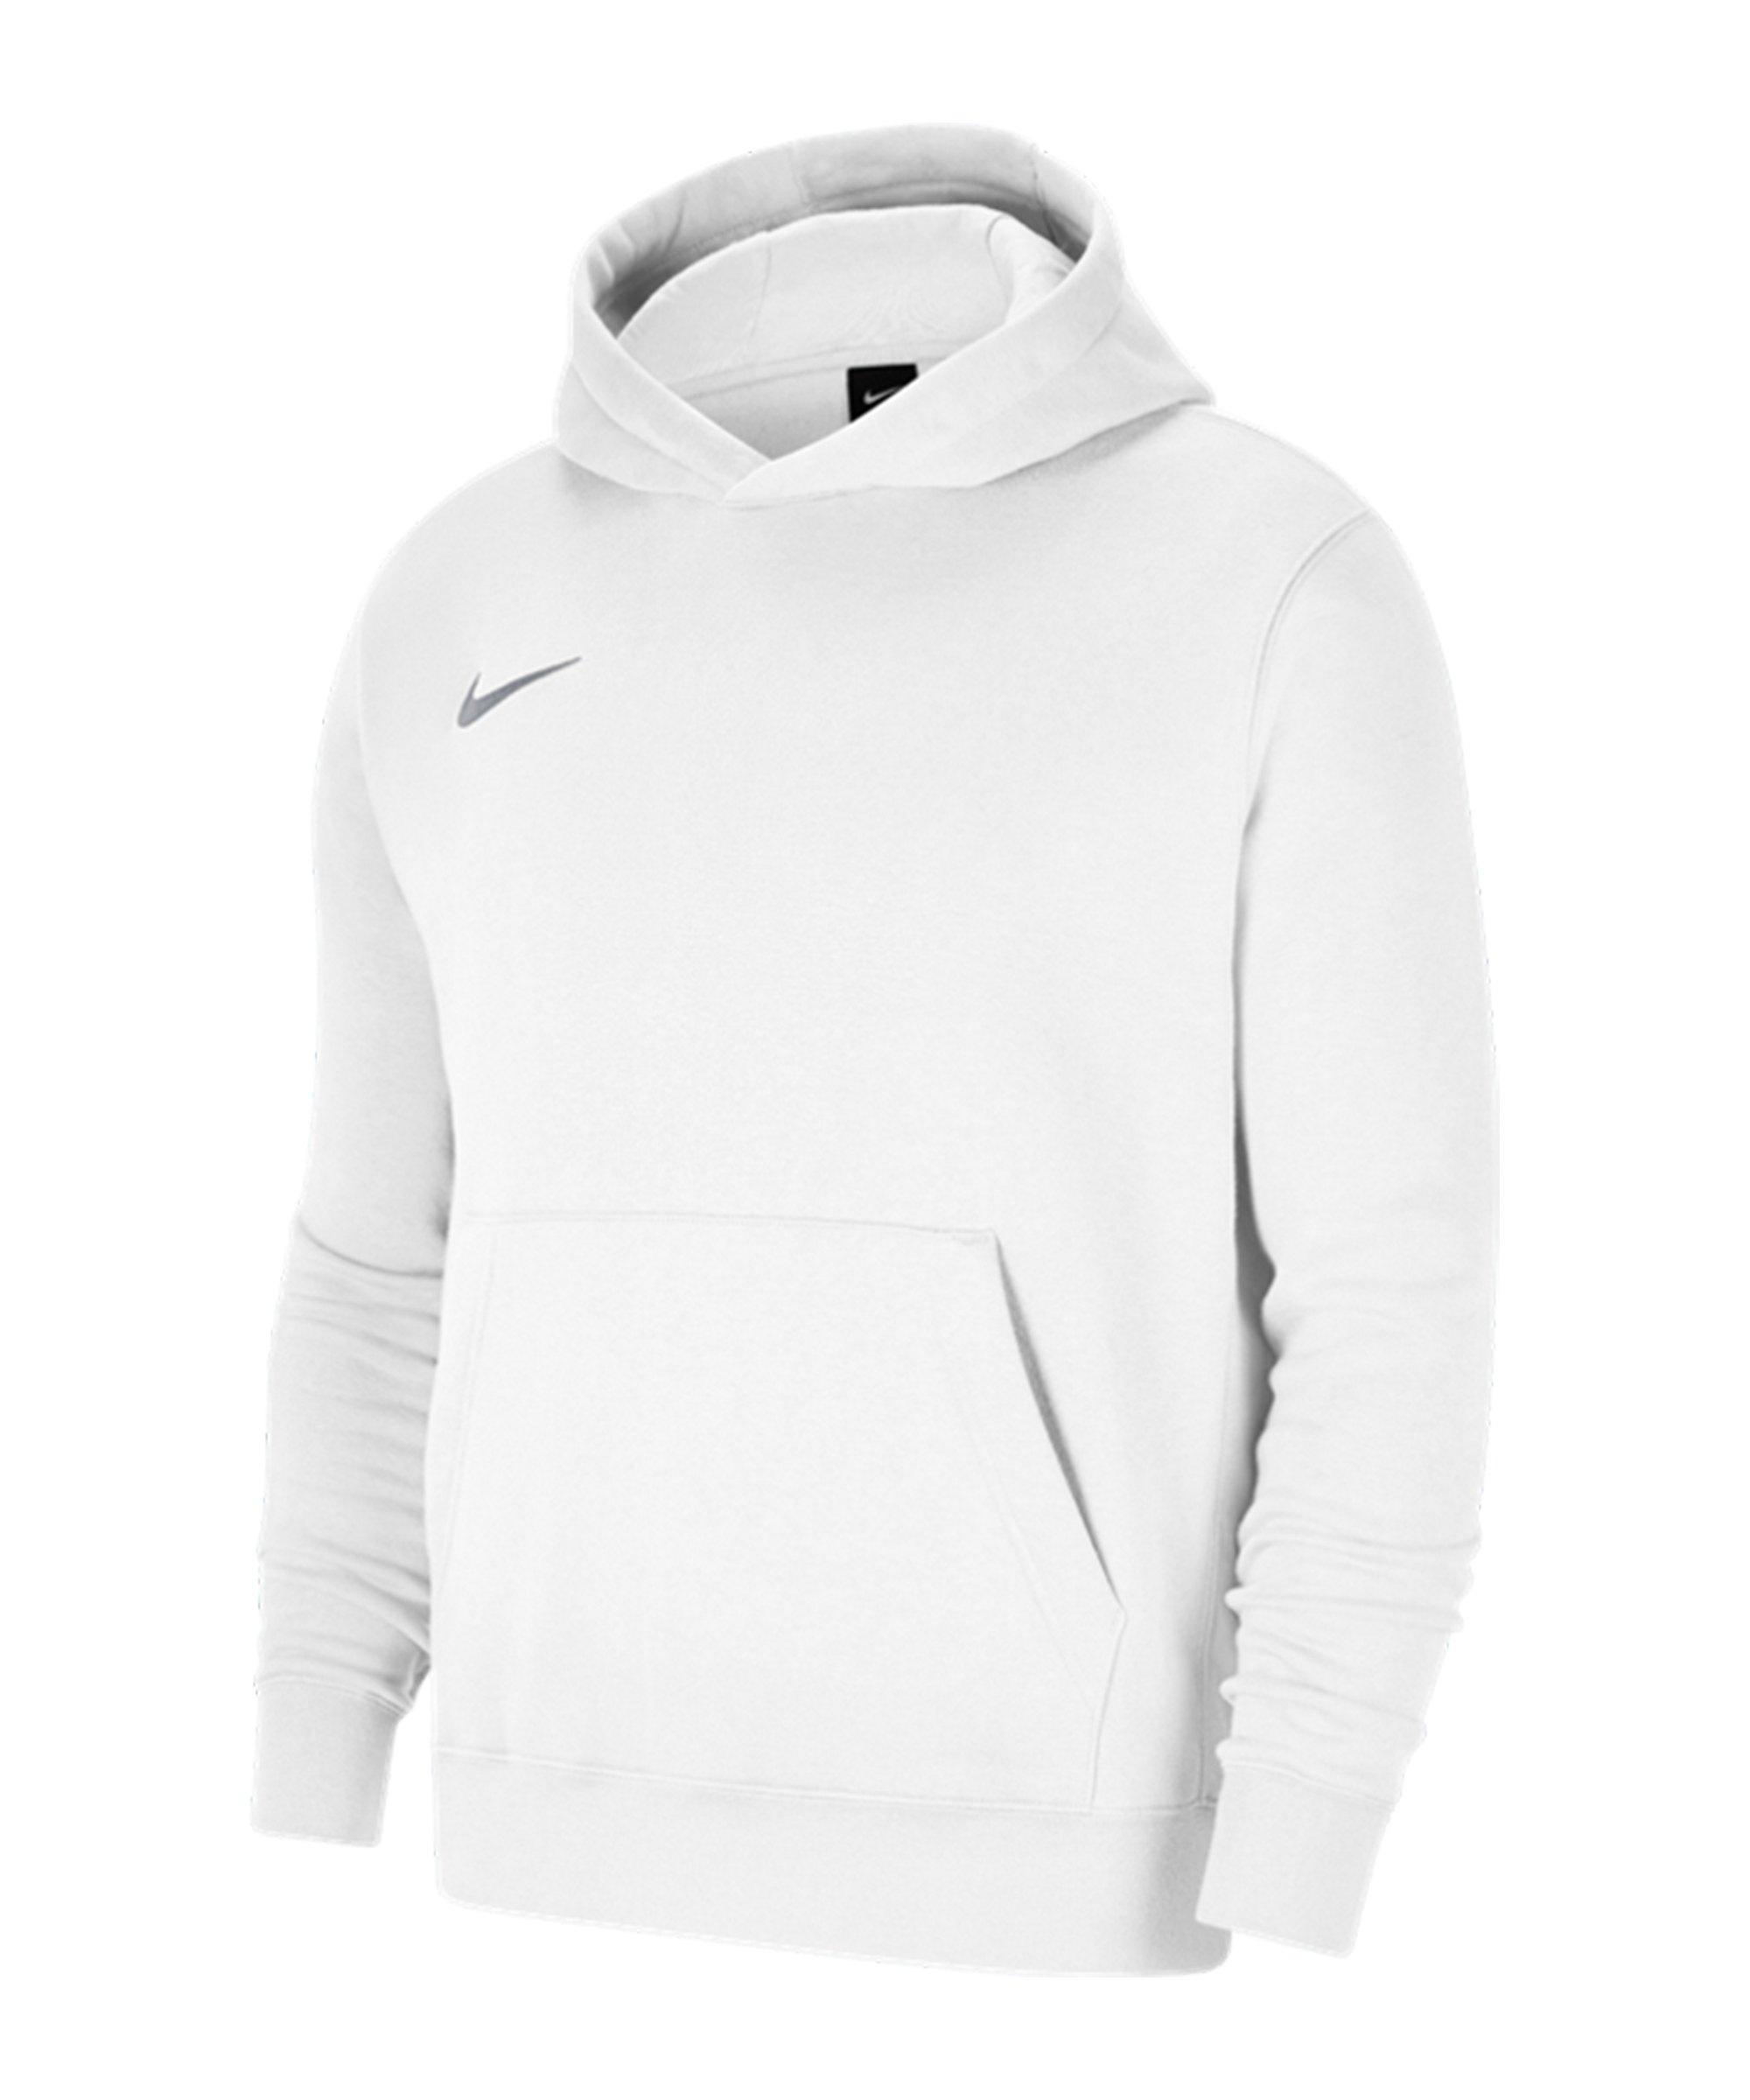 Nike Park 20 Fleece Hoody Kids Weiss Grau F101 - weiss